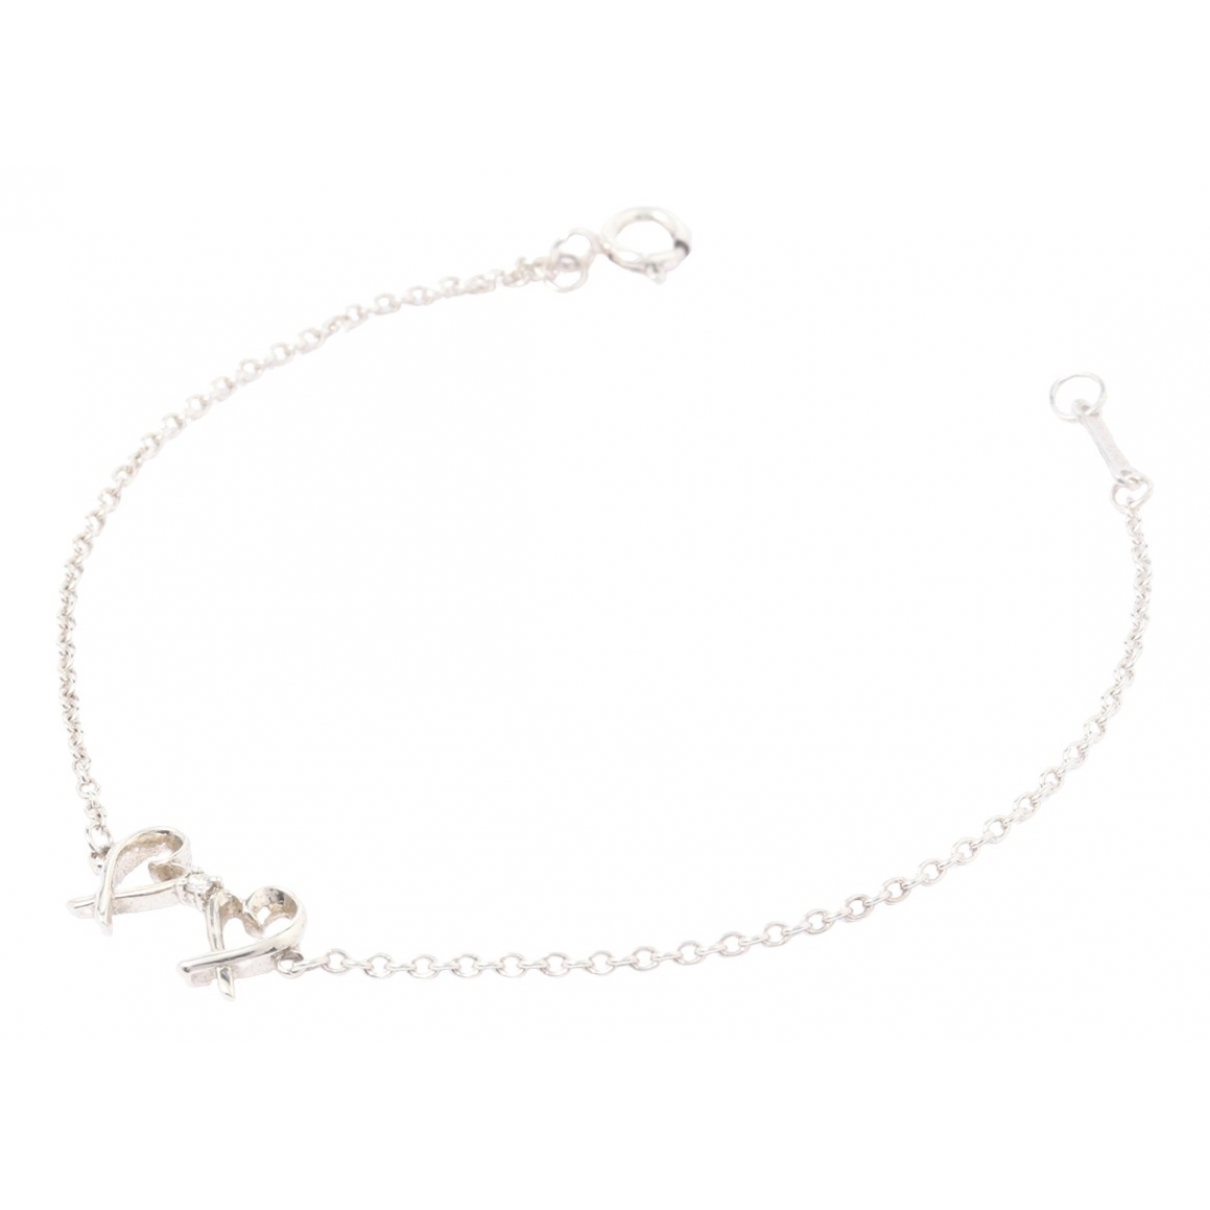 Tiffany & Co - Bracelet Paloma Picasso pour femme en argent - argente